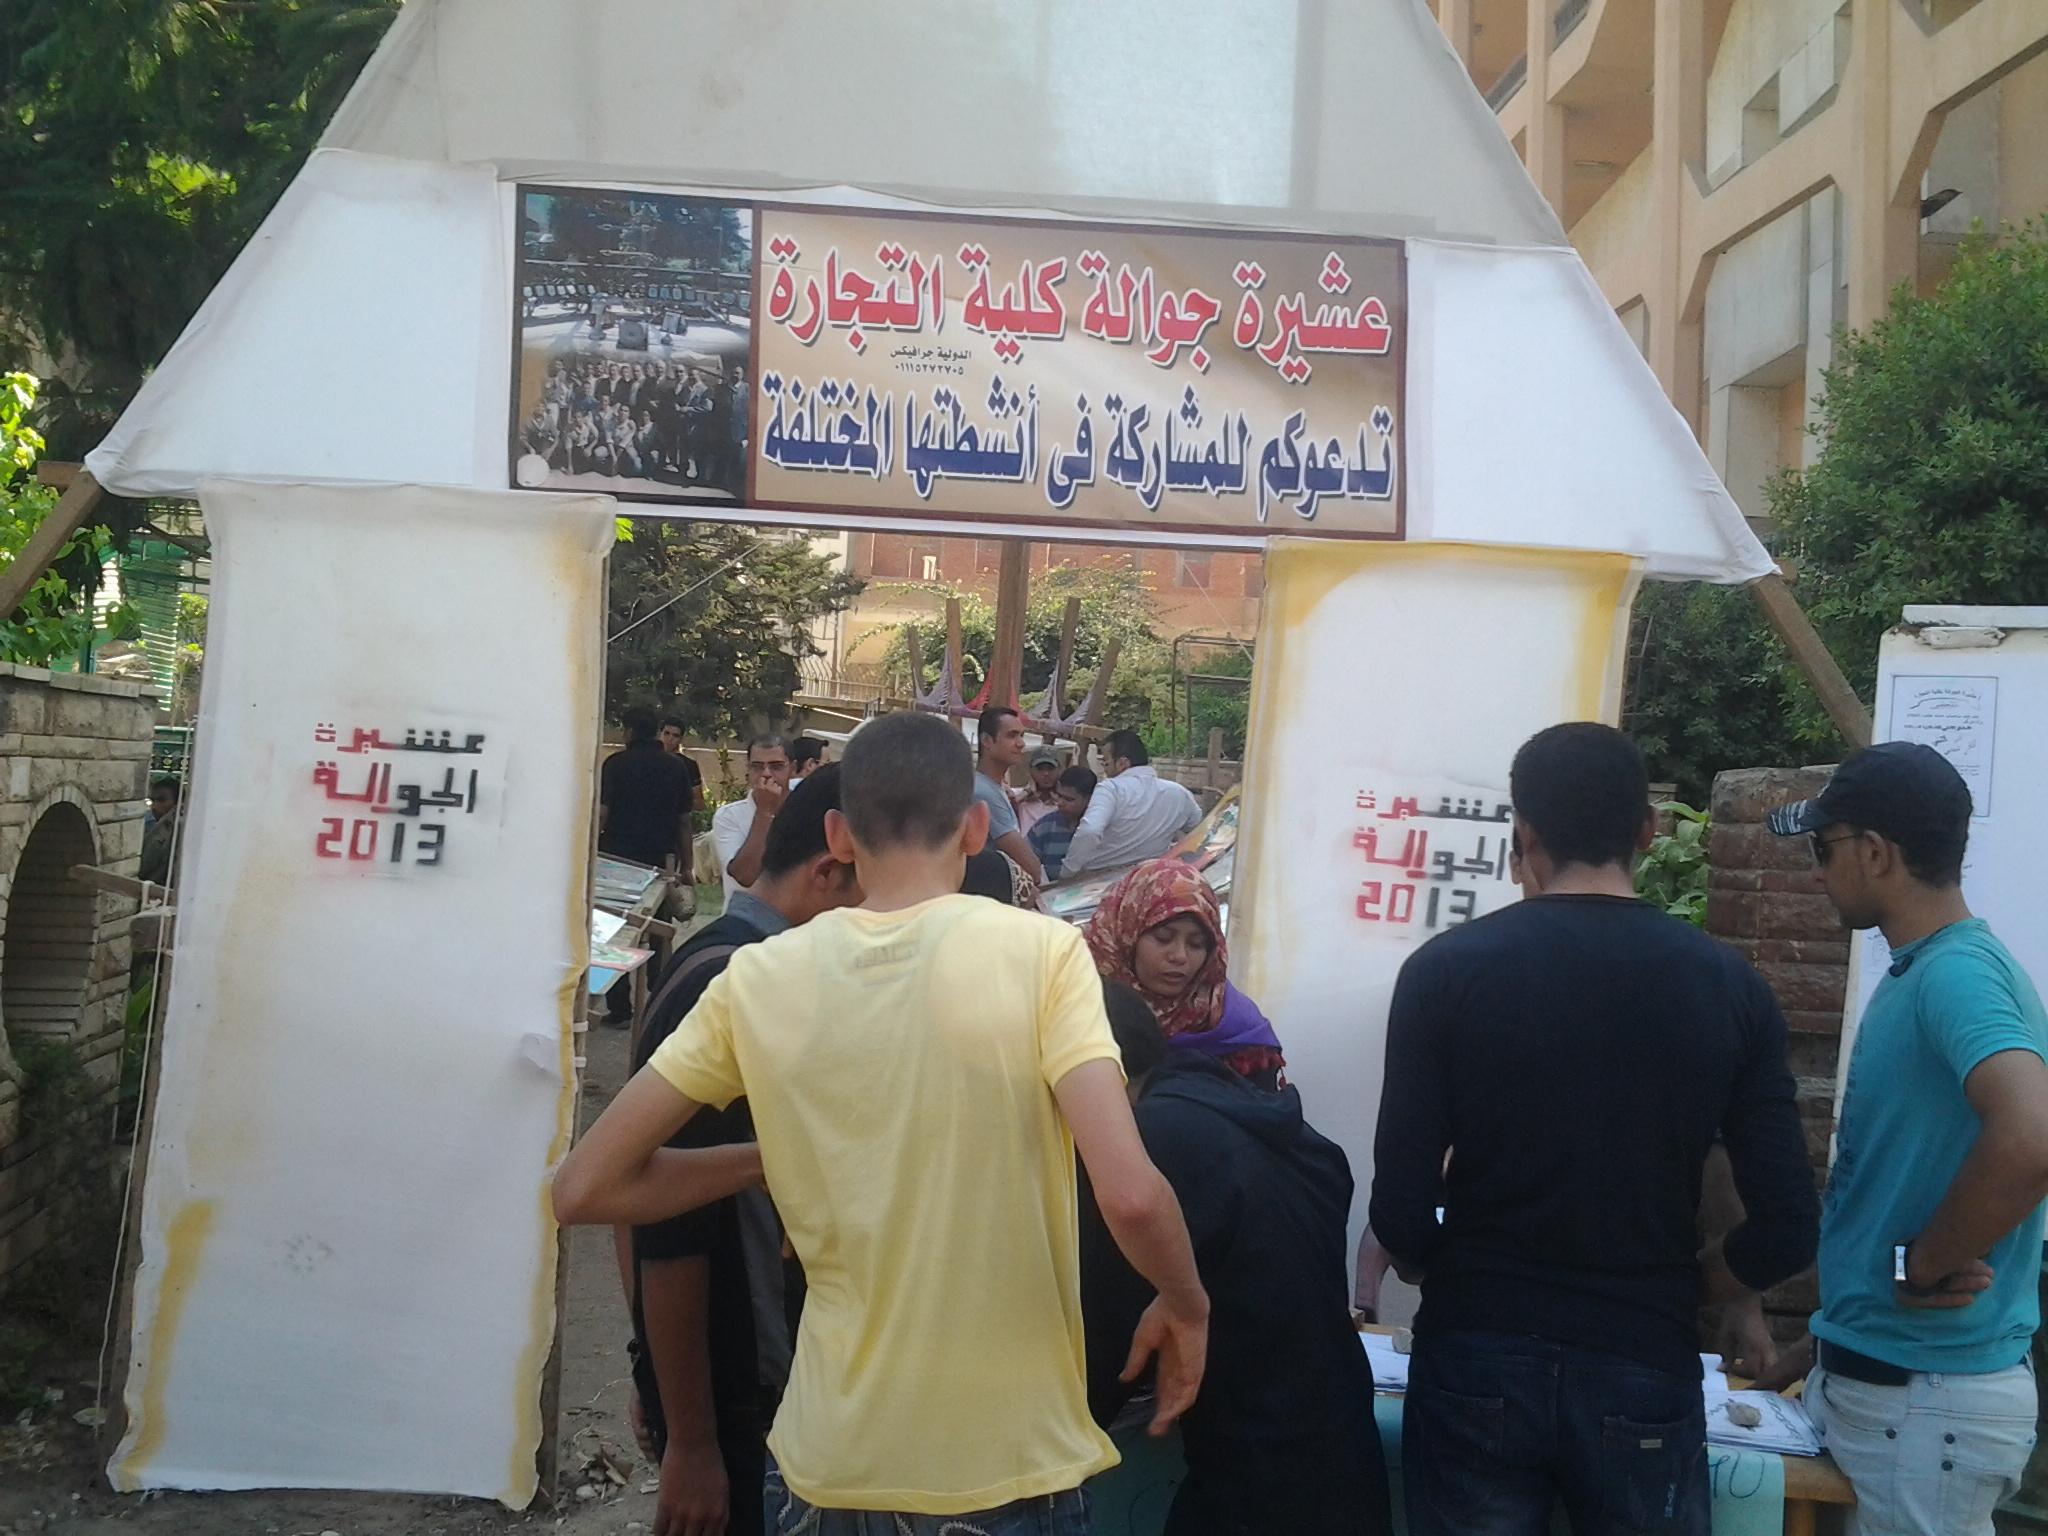 الإصرار والعمل شعار جوالي جامعة بنها